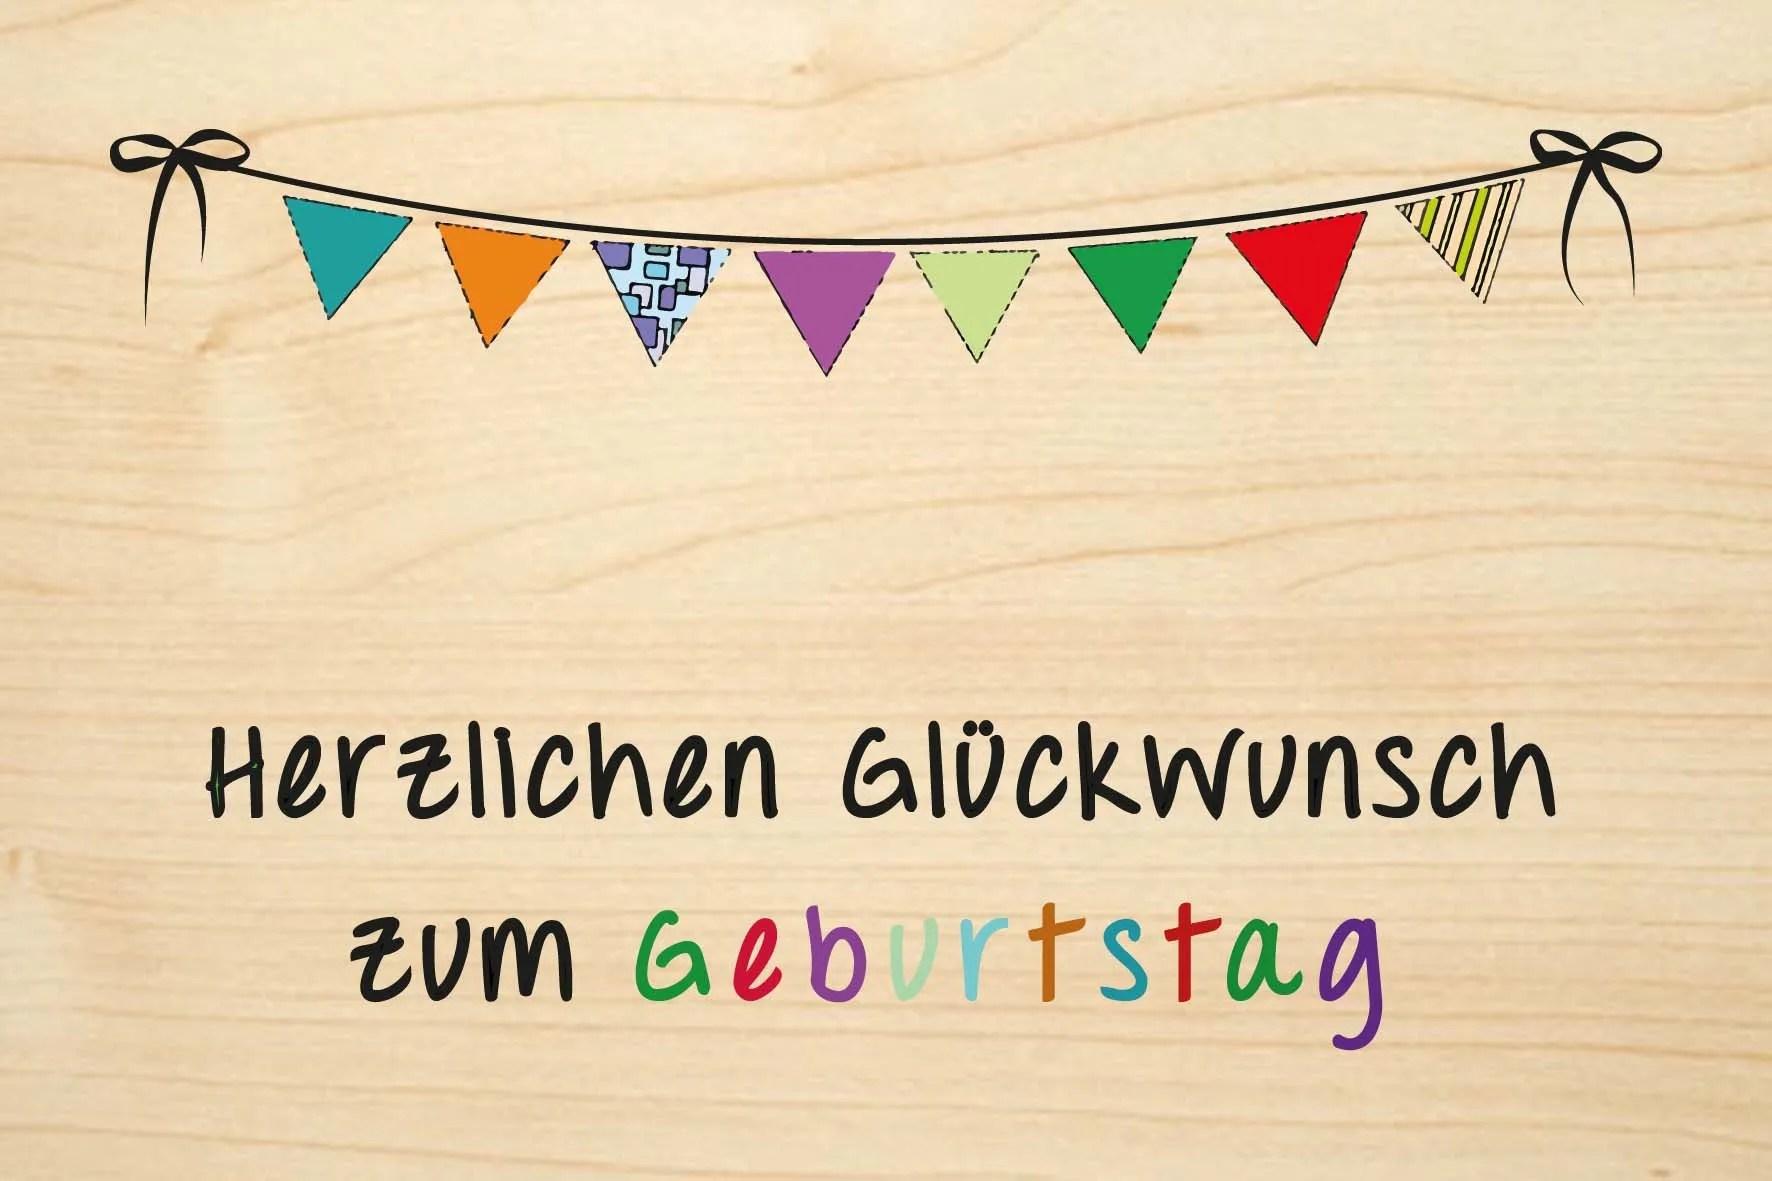 Gluckwunsche Geburtstagskarte 27 Geburtstag Mit Torte